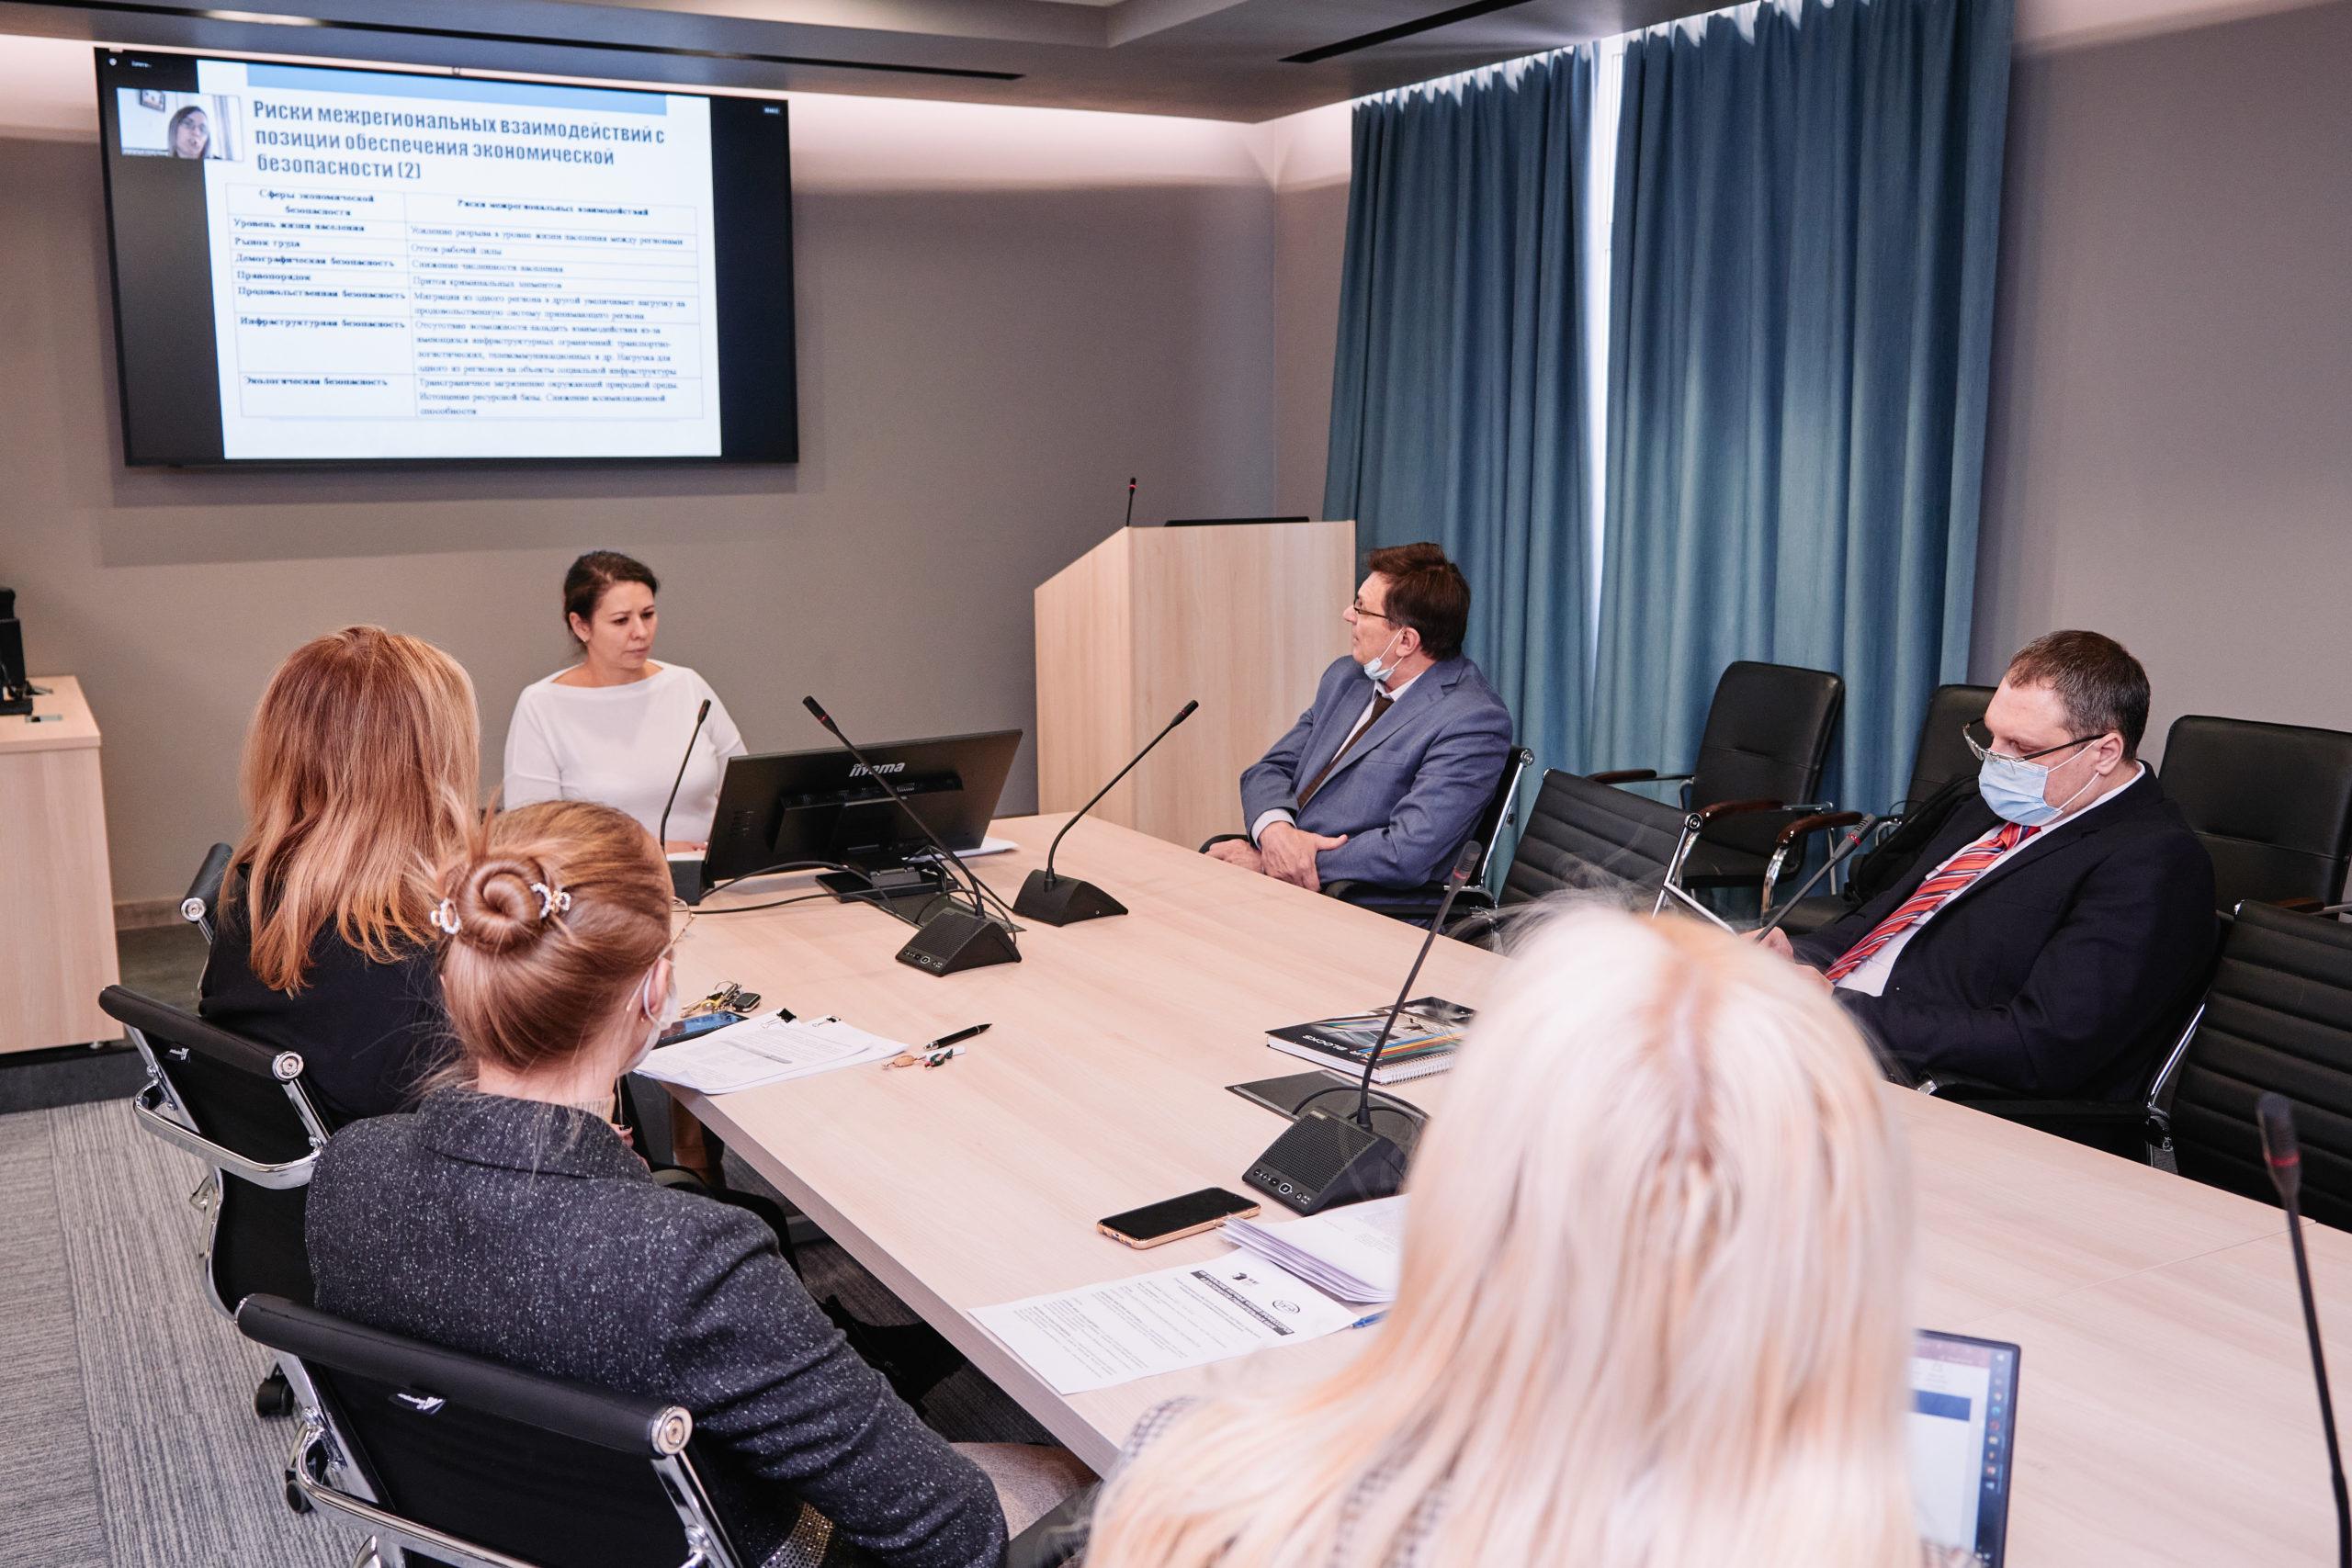 В Институте экономики УрО РАН в рамках VIII Профессорских чтений прошла Секция докторантов ИЭ УрО РАН и УРГЭУ